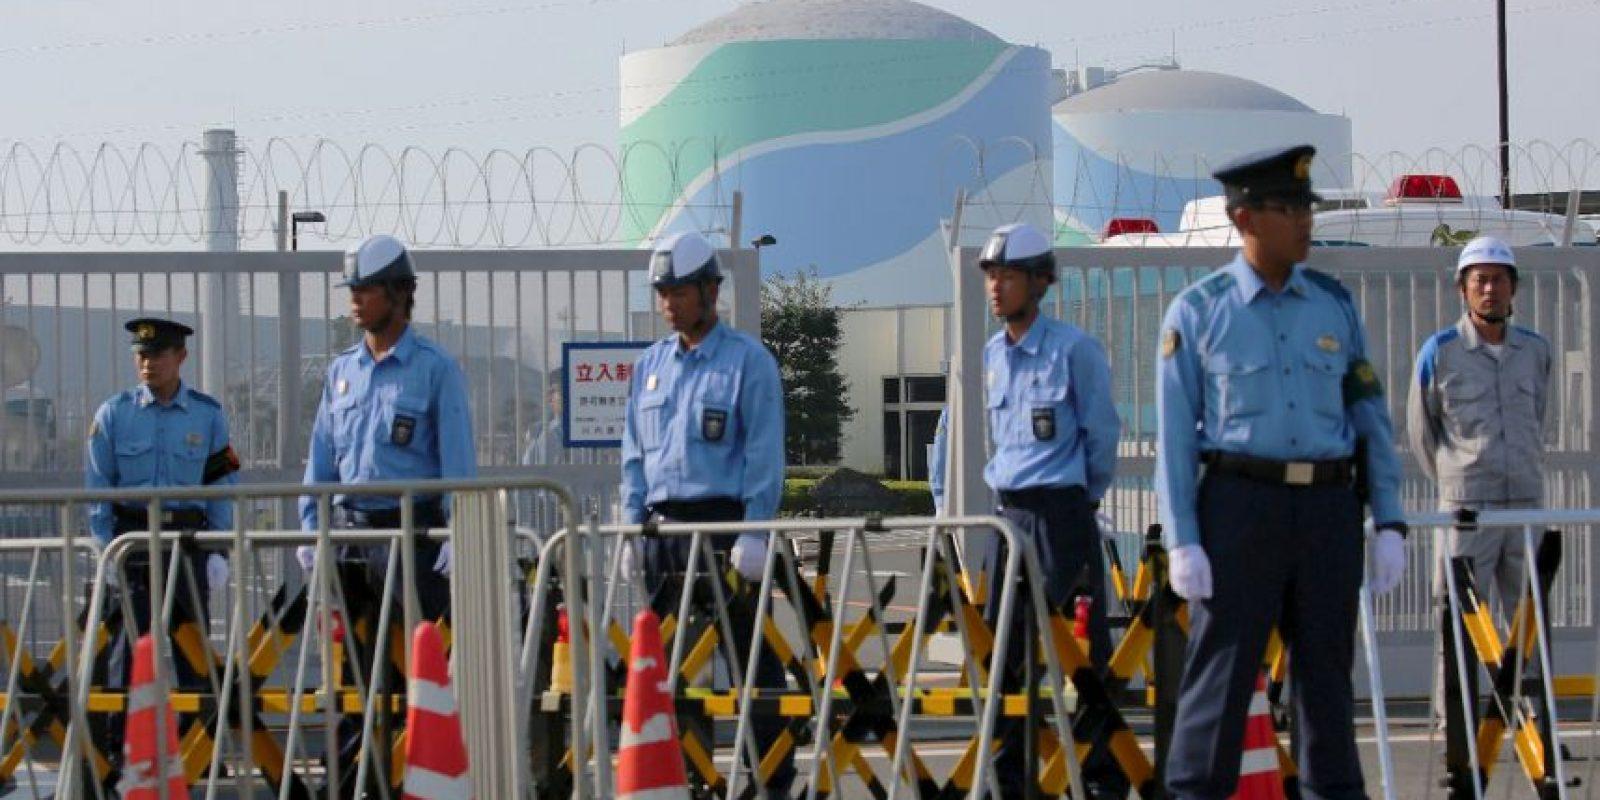 Kyushu Electric Power Co., es la empresa que reiniciará uno de los reactores de la planta nuclear. Foto:AFP